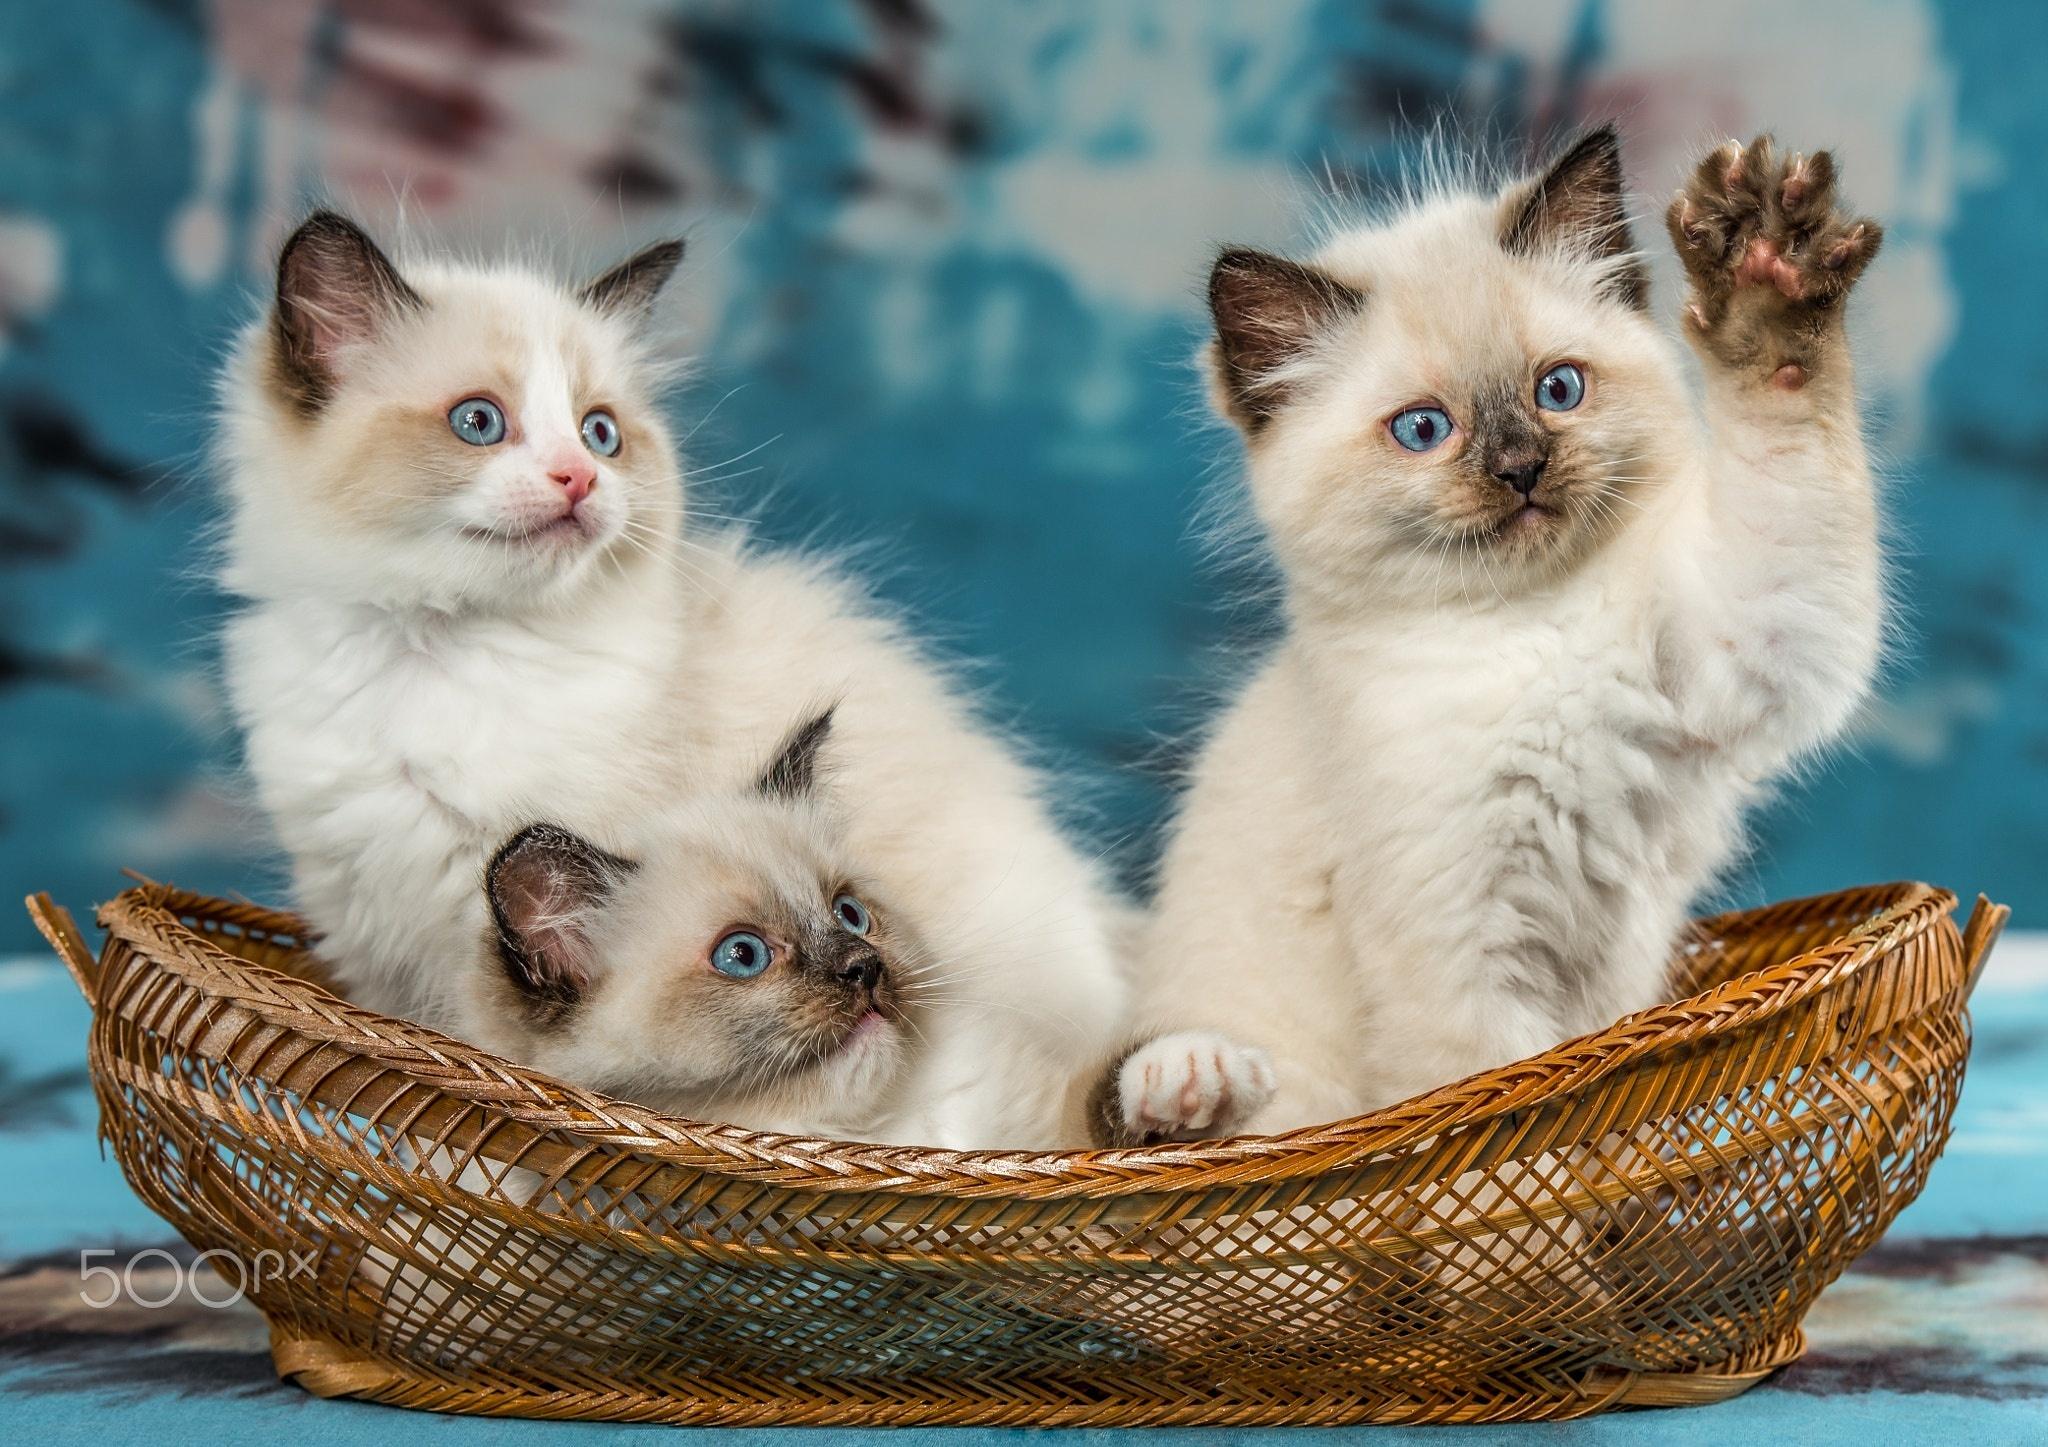 этой стрижки смотреть фото красивых кошек и котят положу